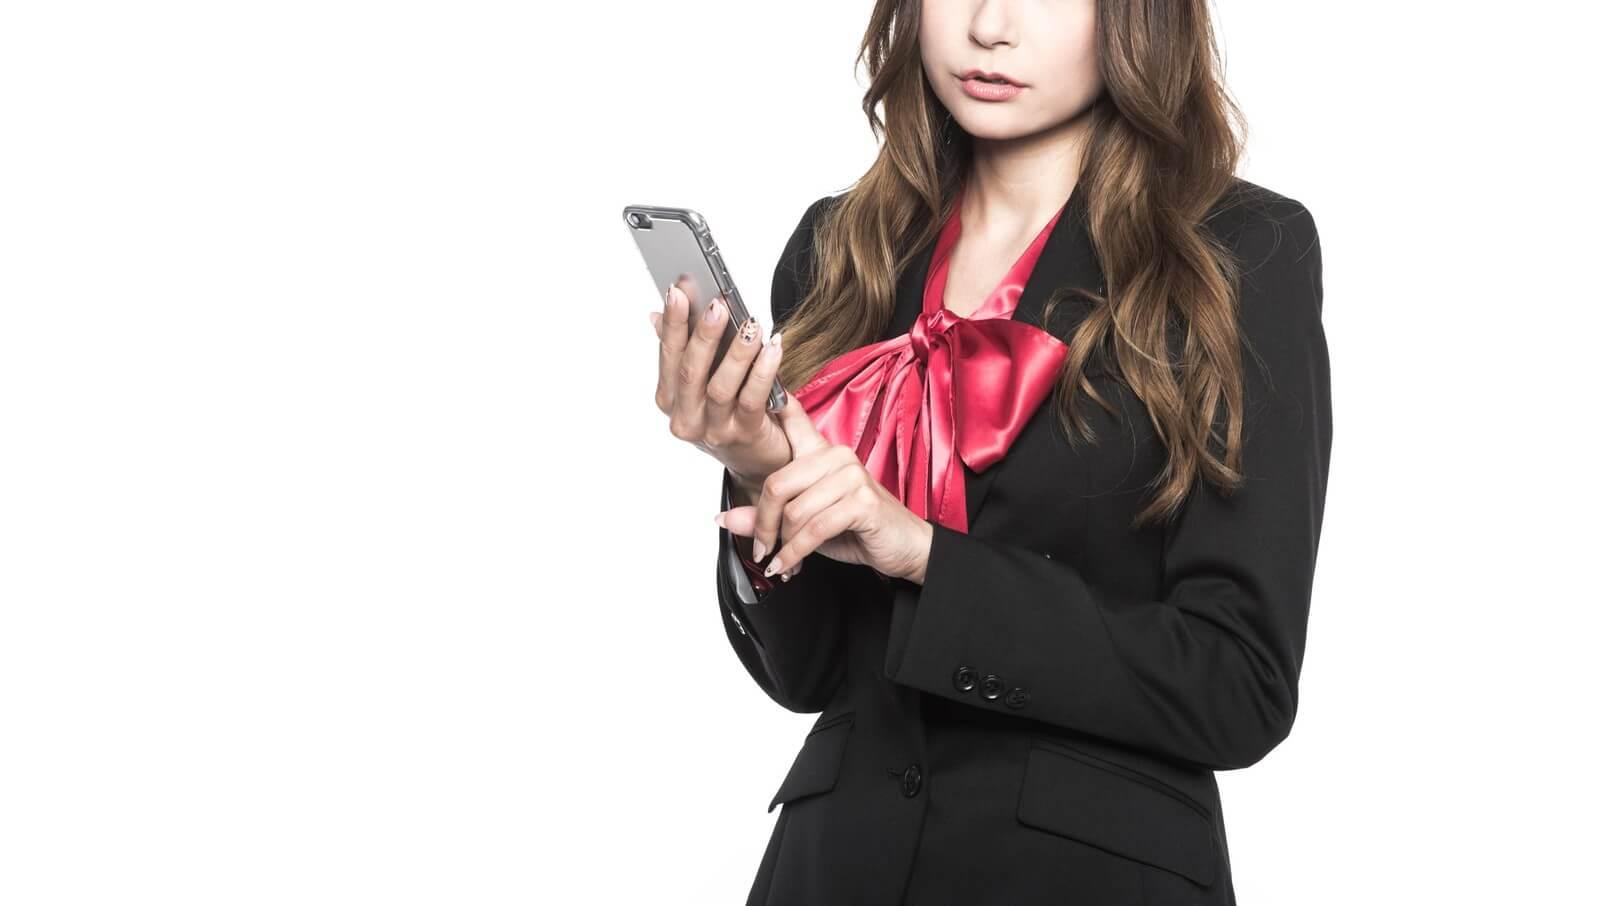 格安スマホに通話定額かけ放題(通話し放題)プランがあるか調べる女性